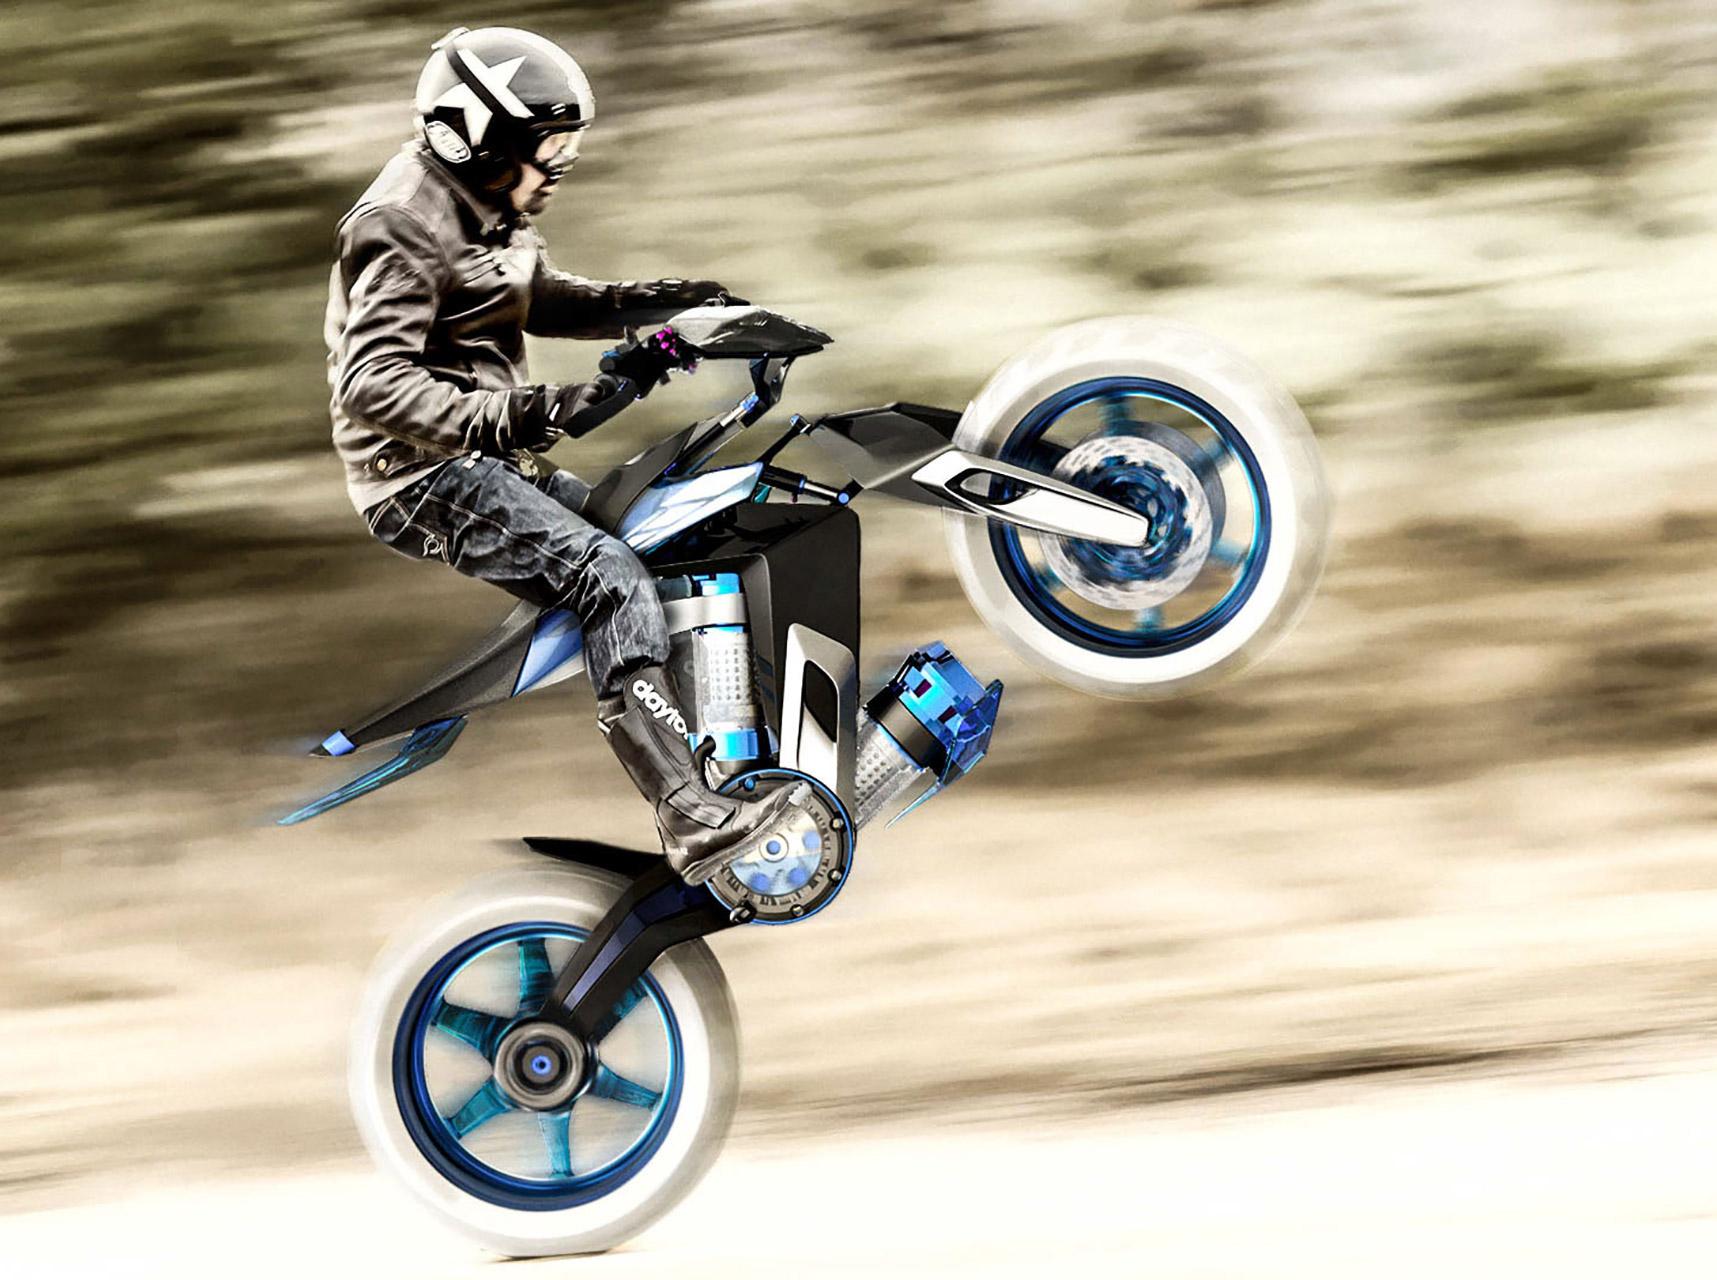 Yamaha XT 500 H2O Motorcycle